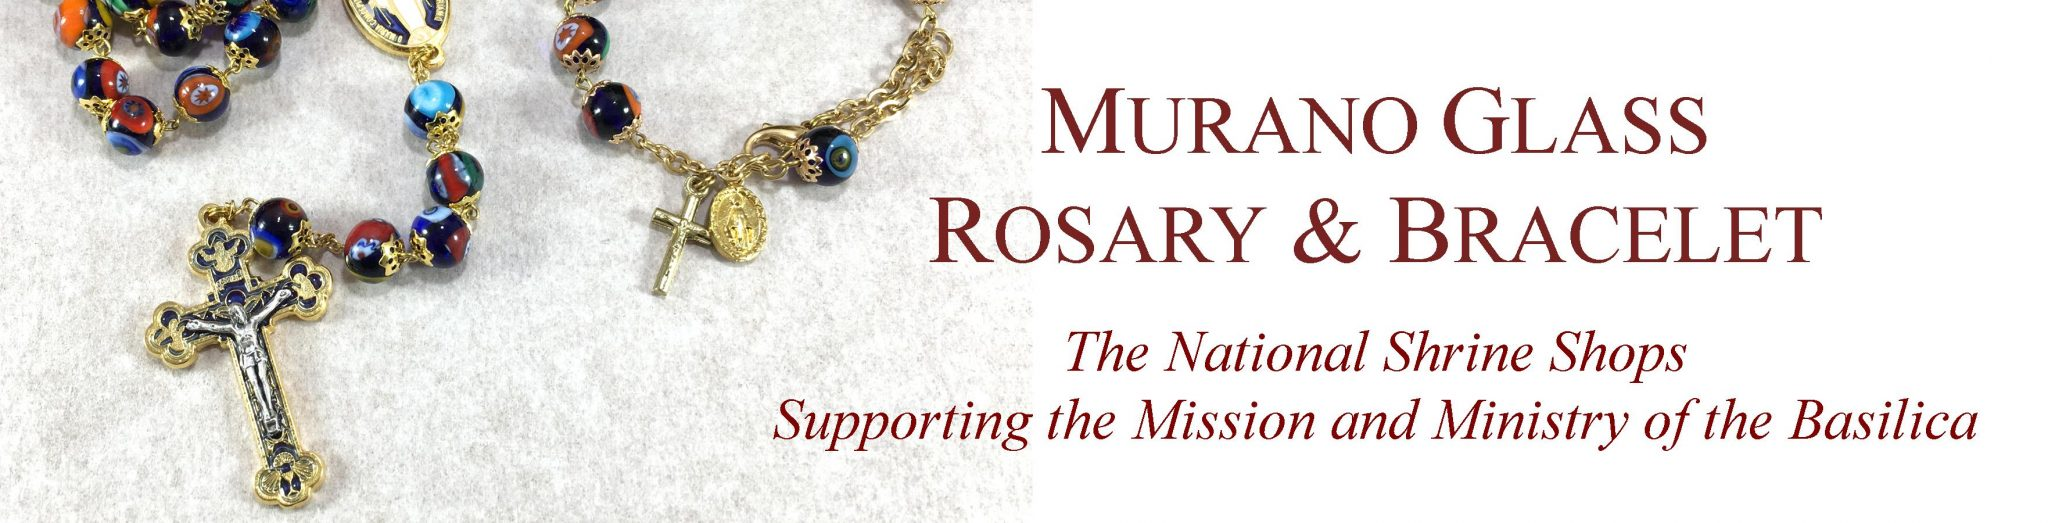 Murano glass rosary banner